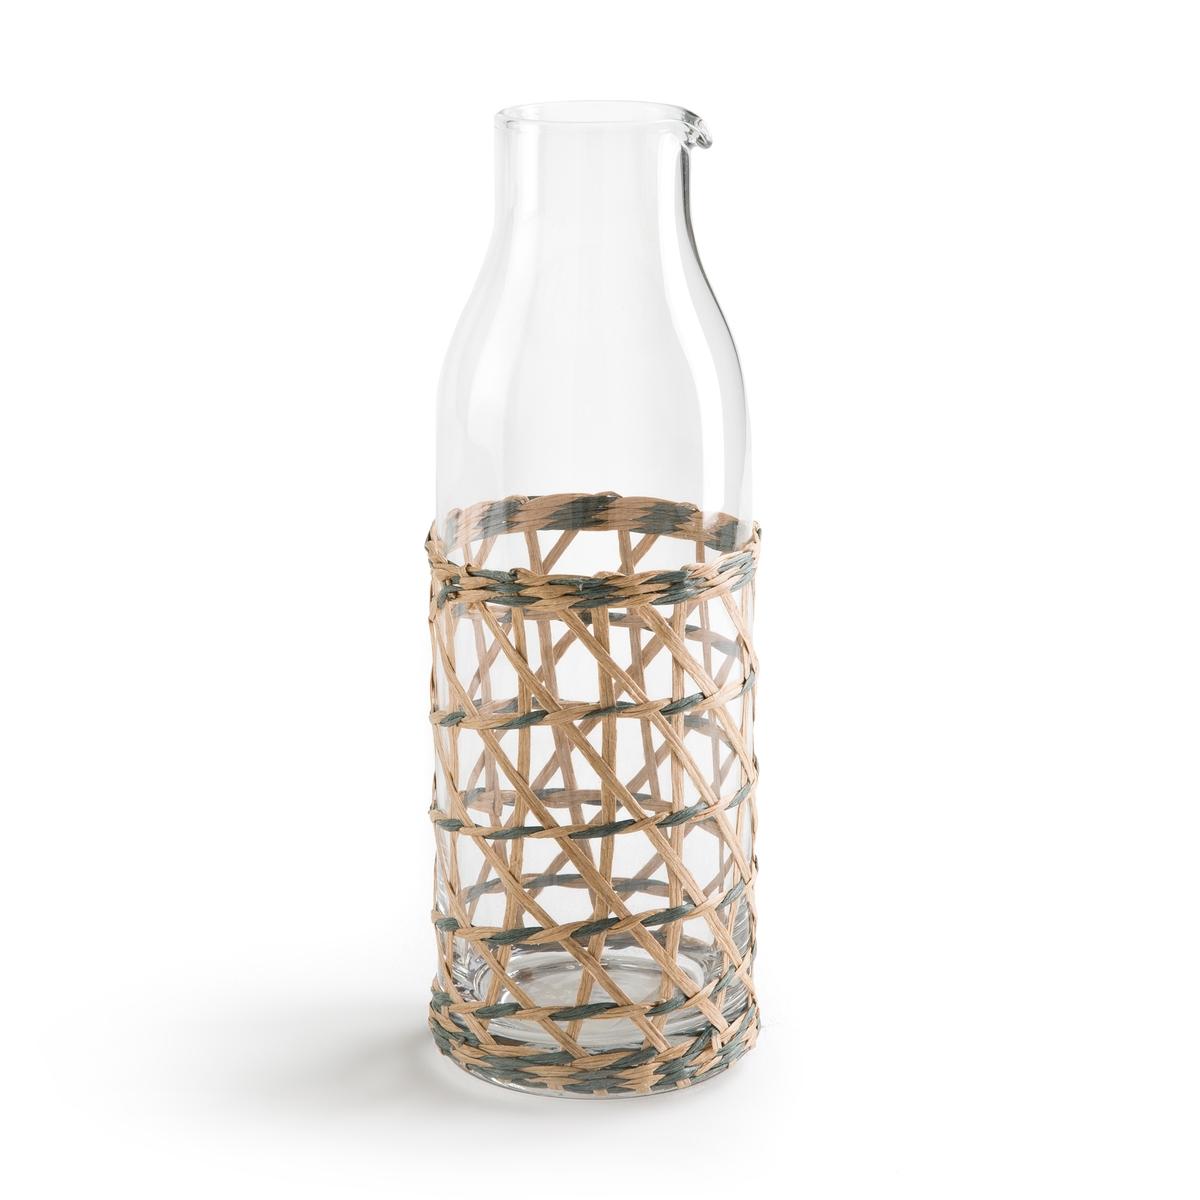 Графин для воды из стекла и дерева QUALIMNAОписание:Стеклянный графин для воды La Redoute Interieurs с плетеным обрамлением.Характеристики графина: •  В форме бутылки •  Натуральное плетениеРазмеры графина: •  Размер : 5,2 x 7,8 x 24,5 смВсю коллекцию столового декора вы найдете на сайте laredoute.<br><br>Цвет: прозрачный